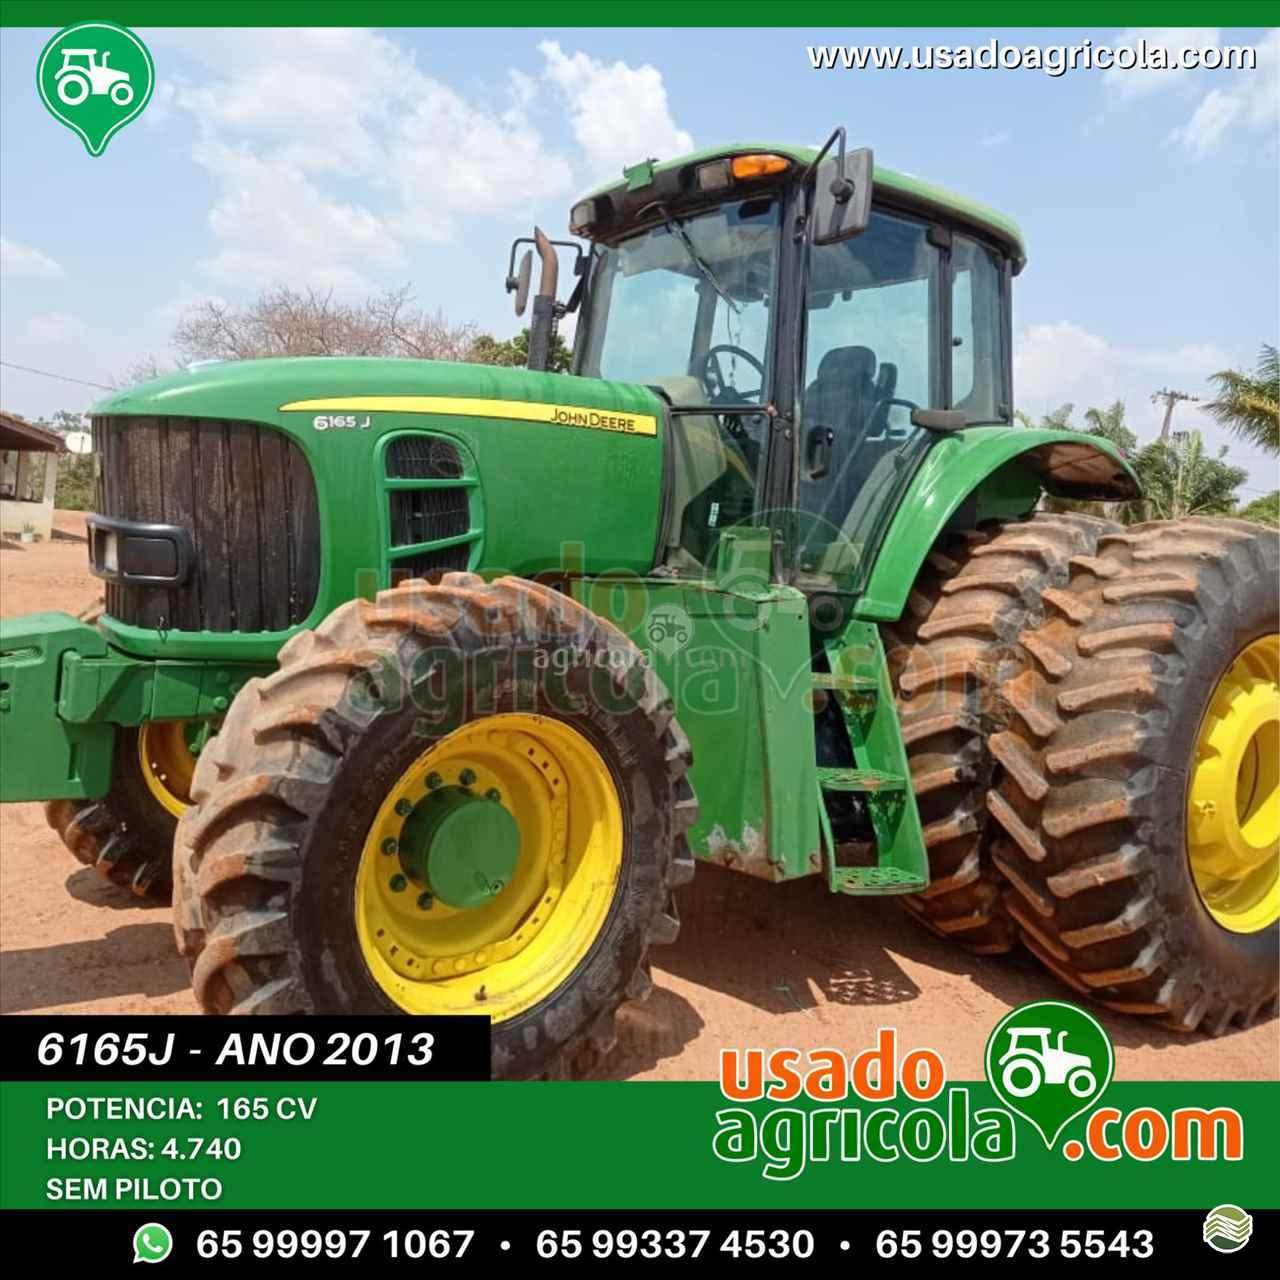 JOHN DEERE 6165 de Usado Agrícola - LUCAS DO RIO VERDE/MT